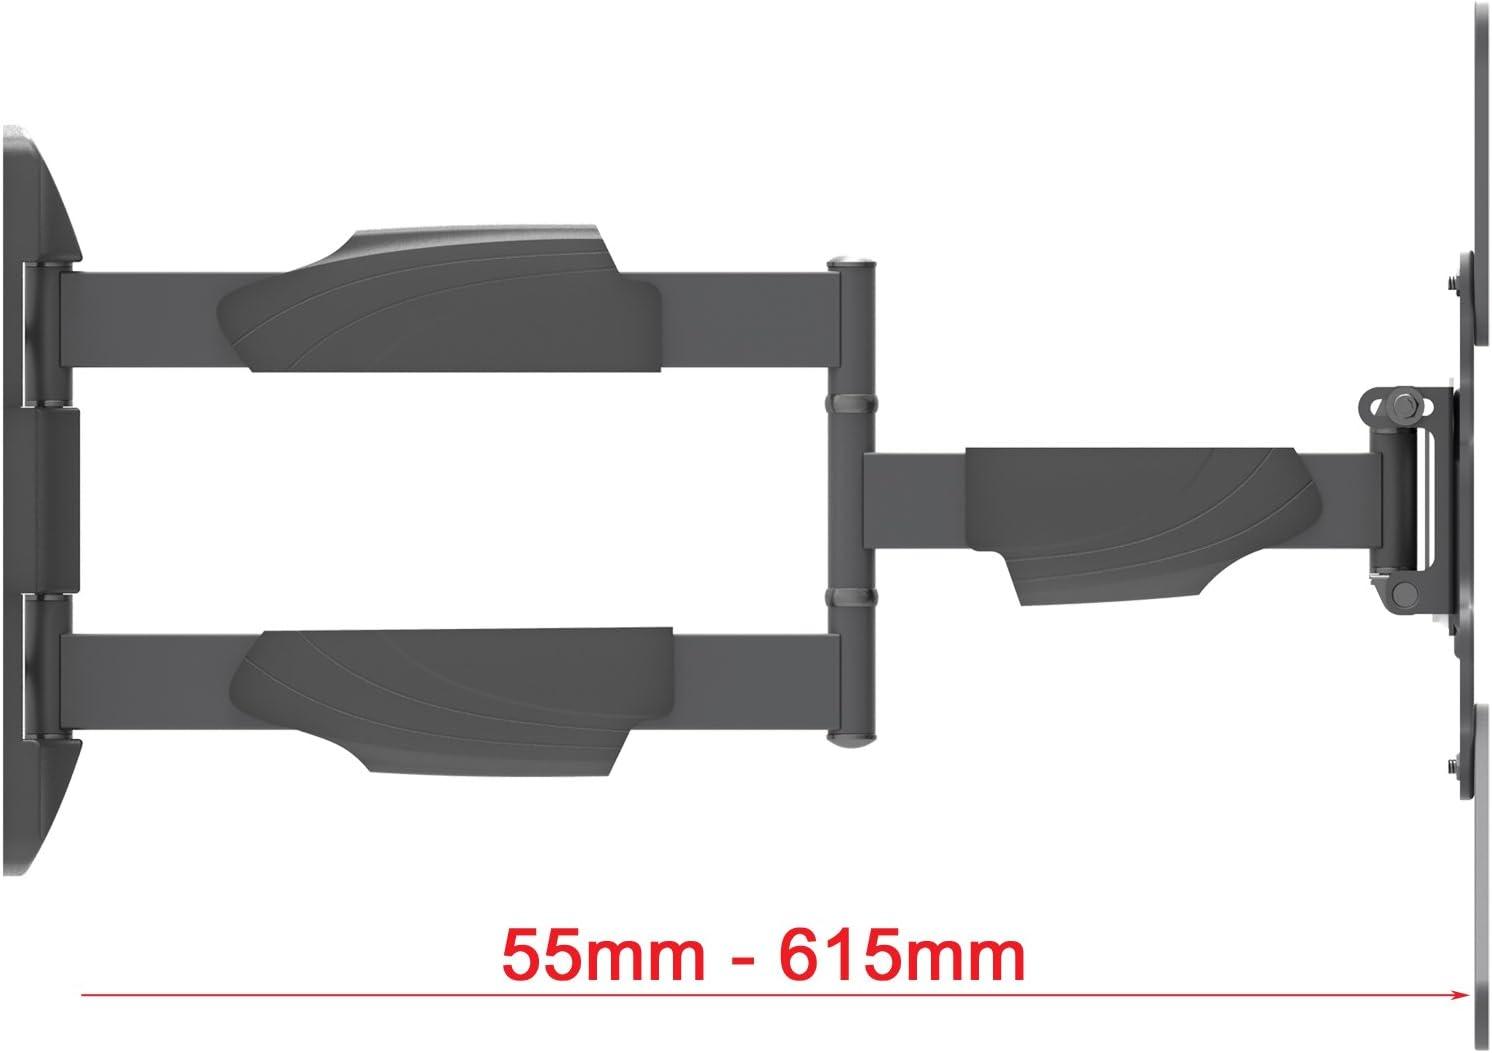 Intecbrackets - Soporte de pared para TV LCD y LED de 42 a 55 pulgadas (brazo basculante, distancia mínima a la pared de 56 mm y máxima de 610 mm, garantía de